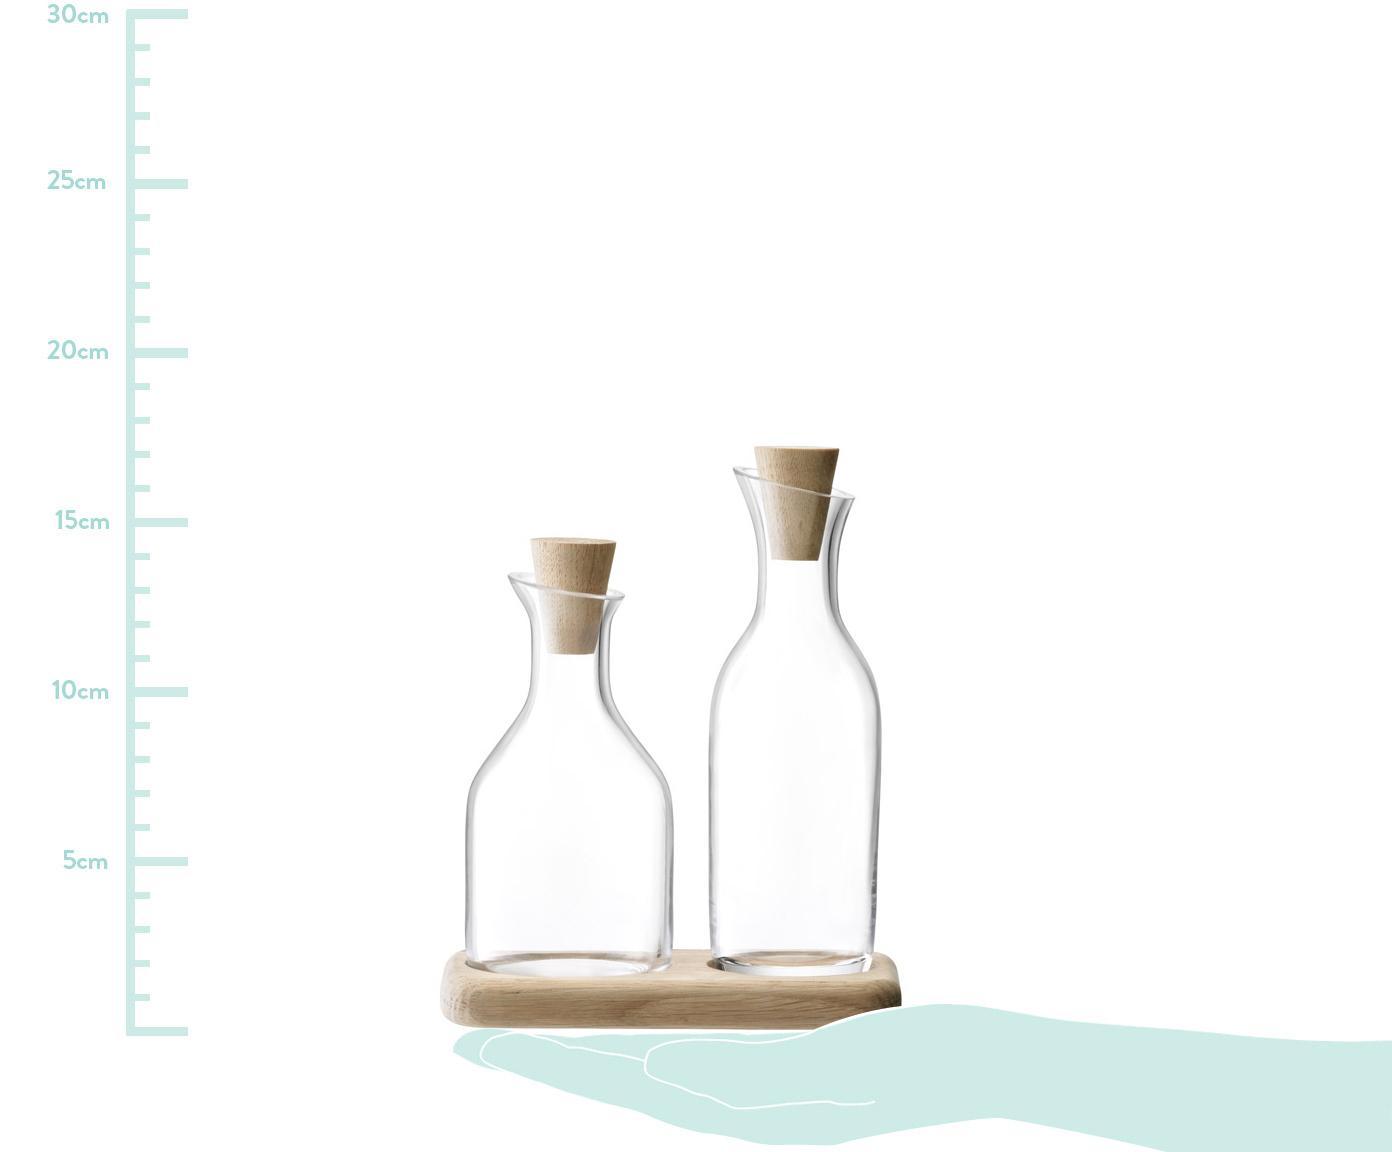 Komplet dozowników do octu i oleju Serve, 3 elem., Dozownik: transparentny Dolna część: drewno dębowe Zamknięcie: drewno dębowe, Różne rozmiary